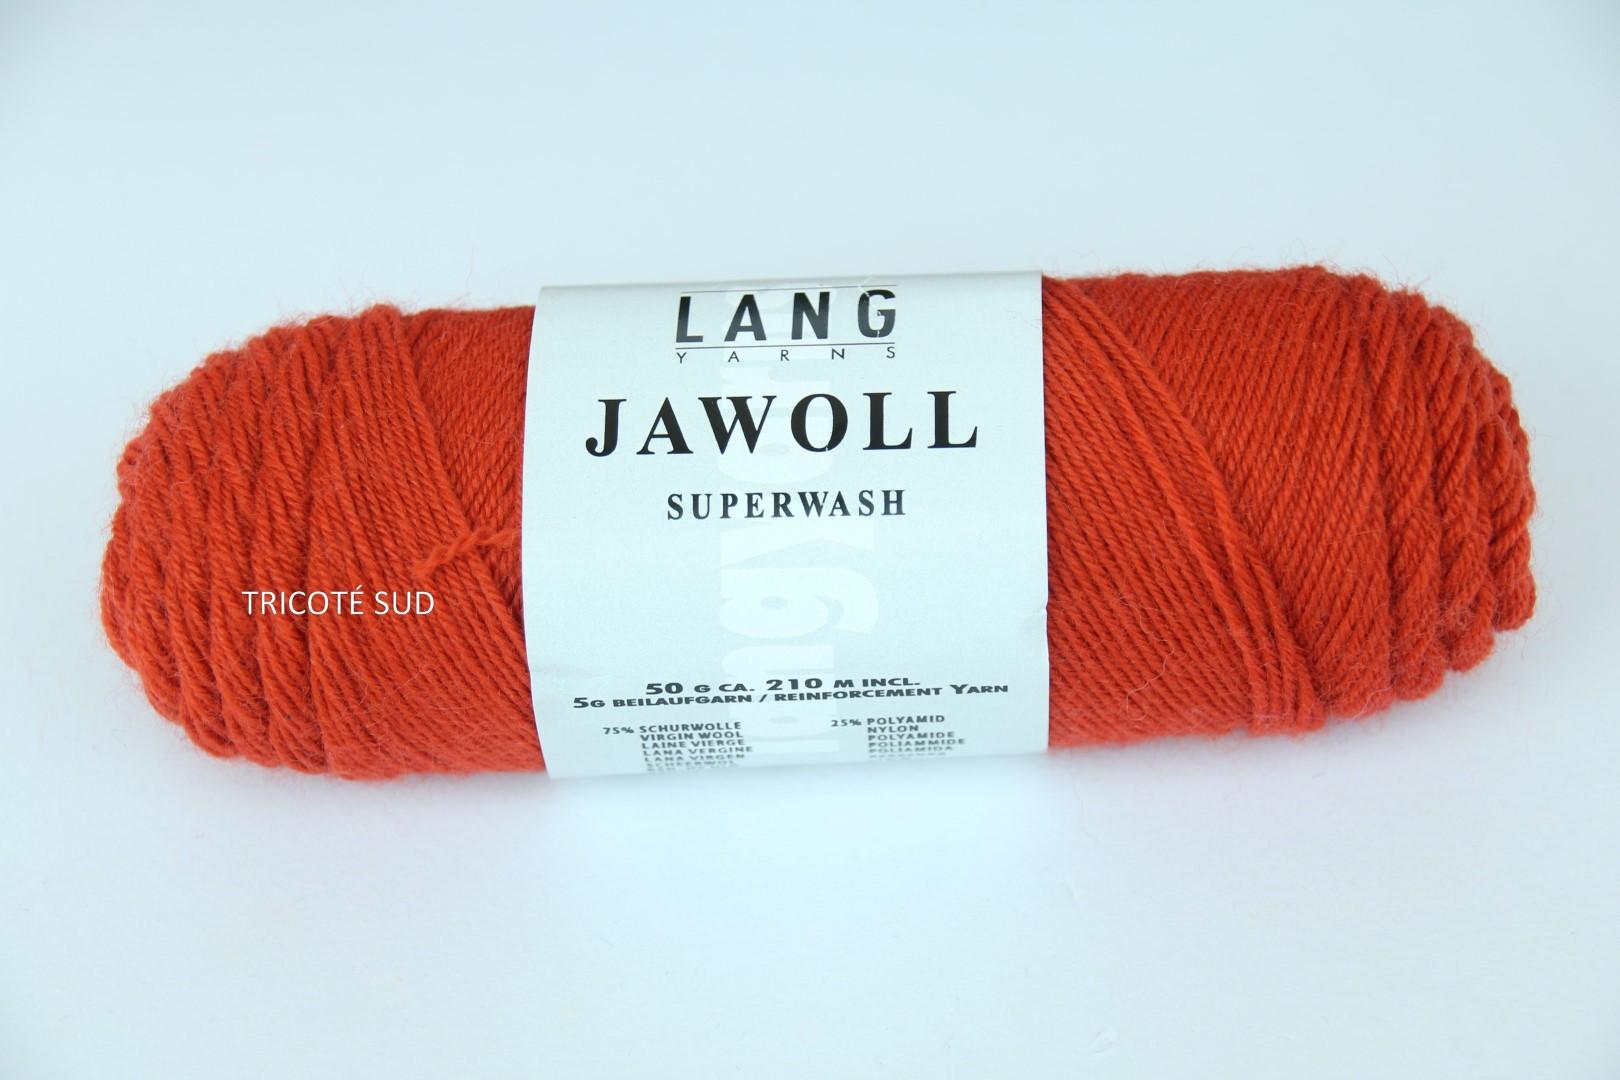 JAWOLL LANG YARNS COLORIS 275 (Large)